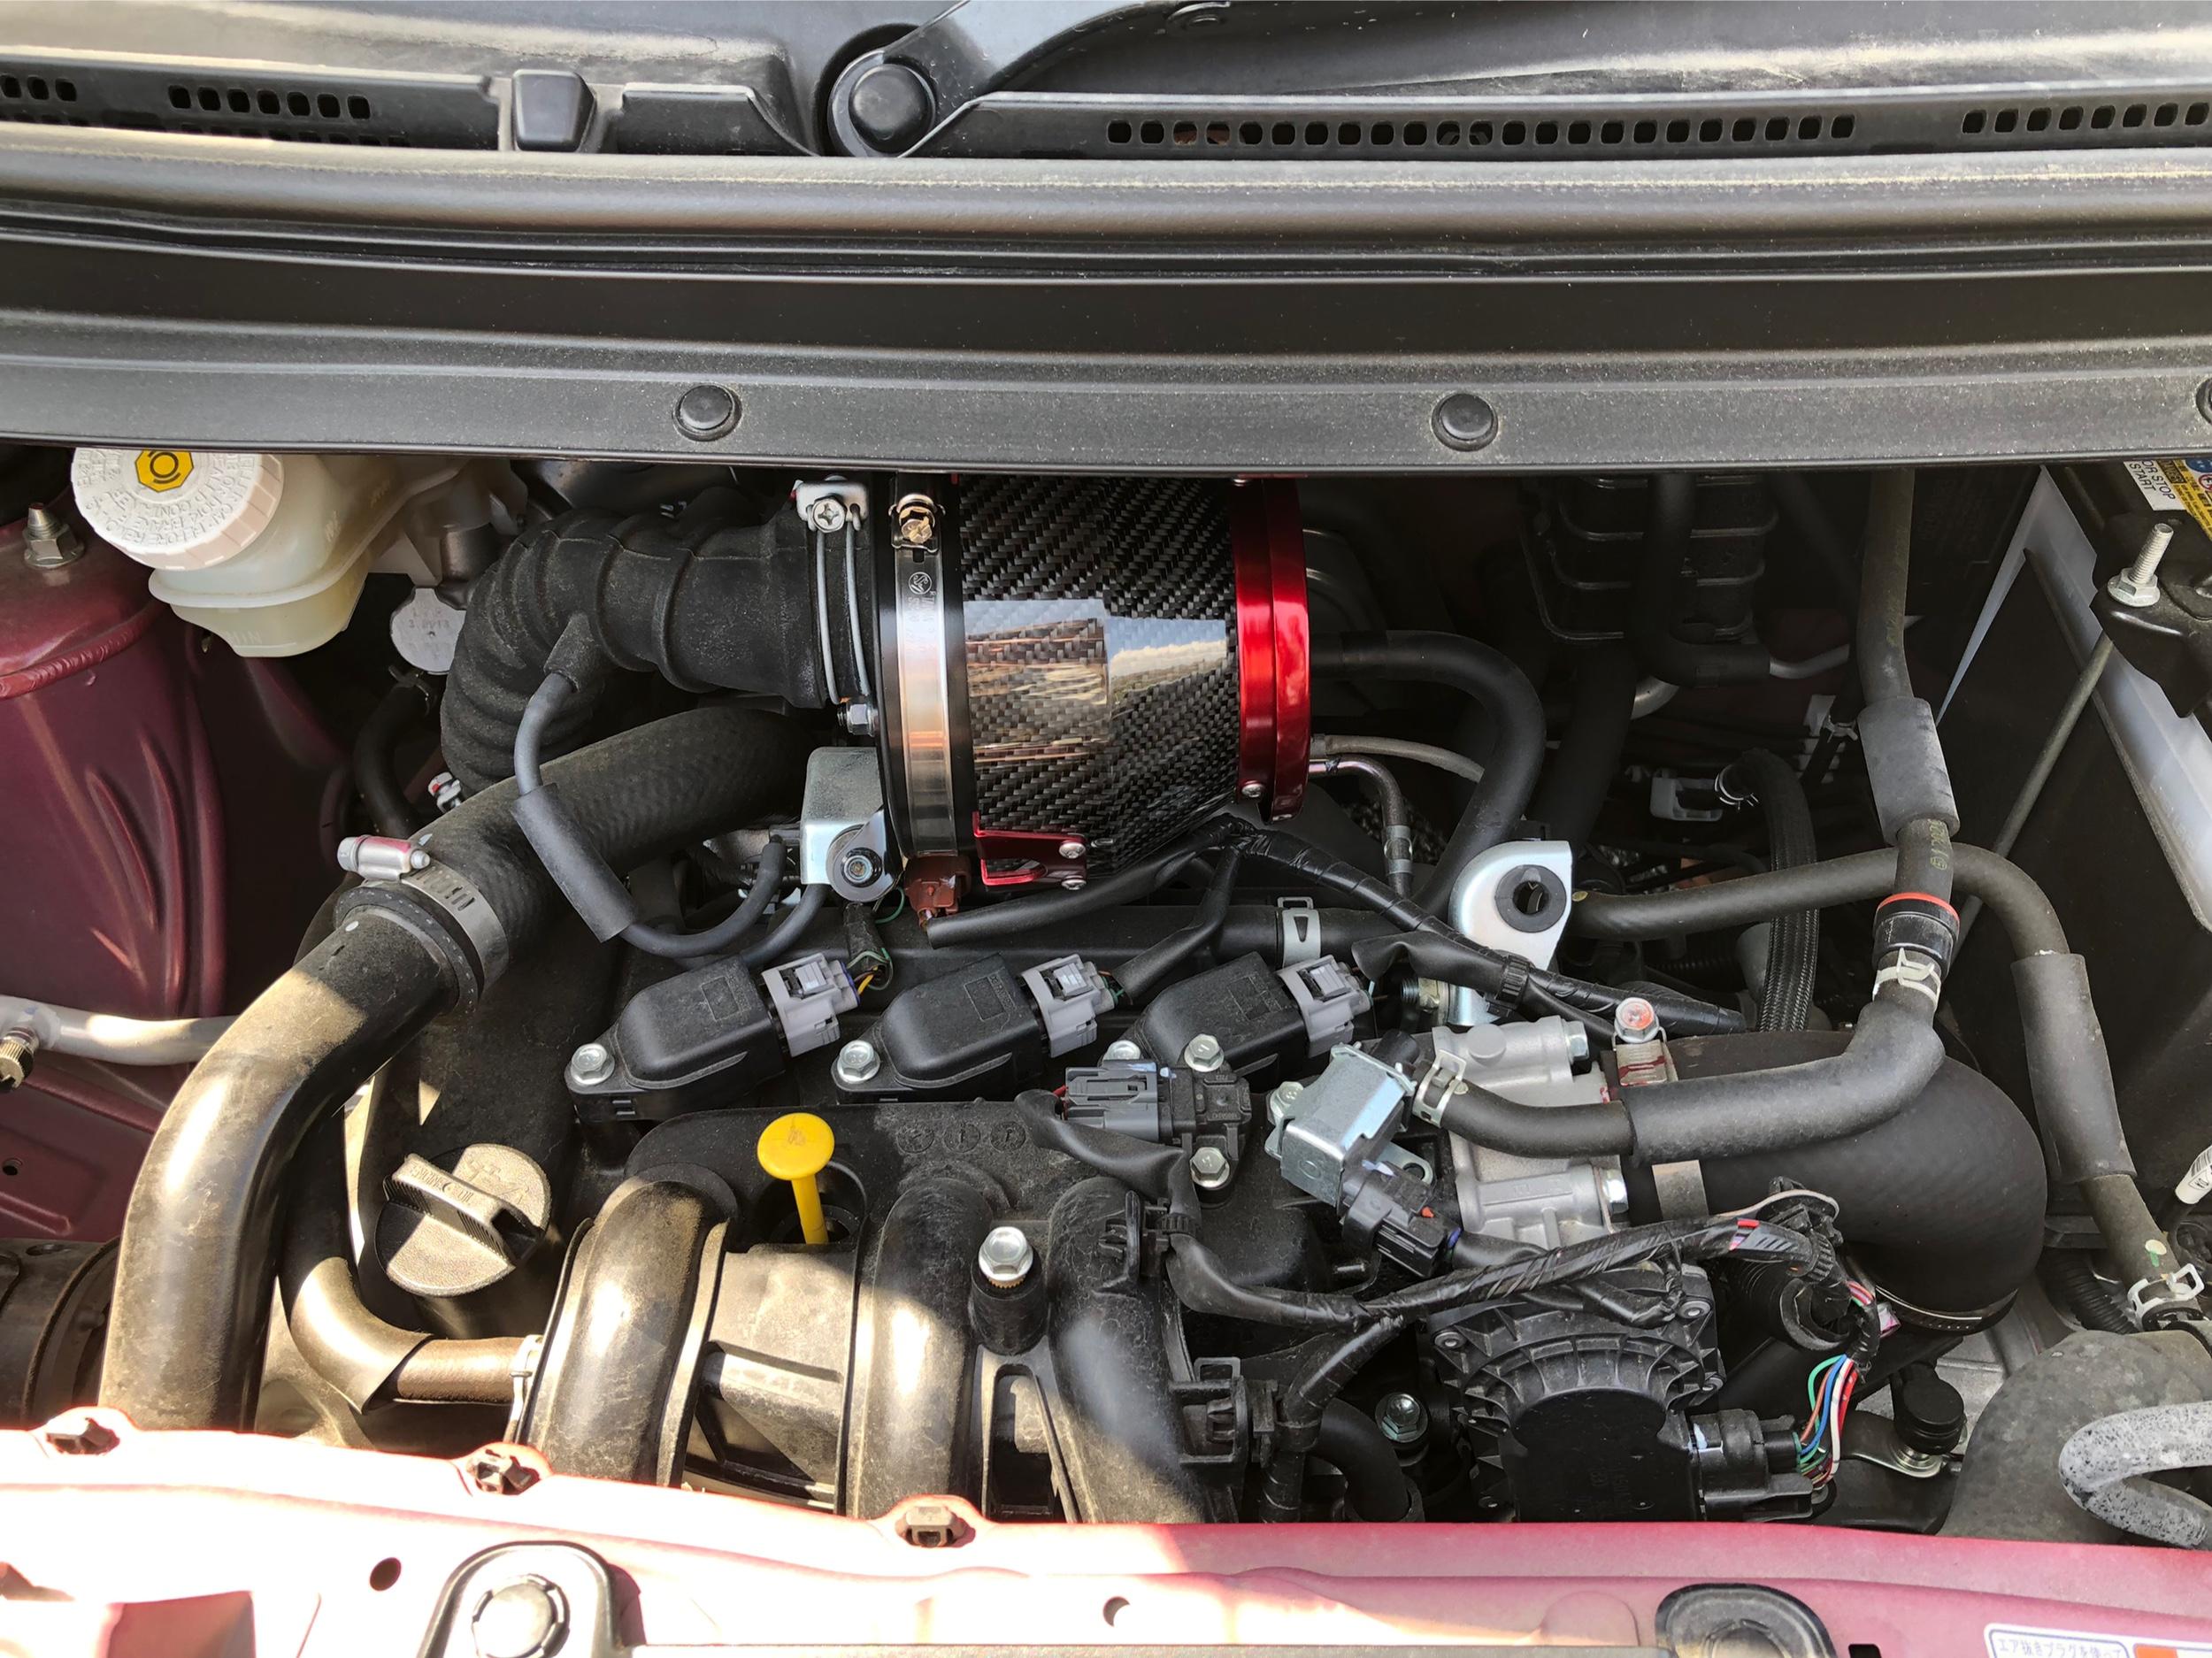 219af4c410a19 カーボンに関するカスタム・ドレスアップ情報[1,543]件|車のカスタム情報はCARTUNE (5ページ目)